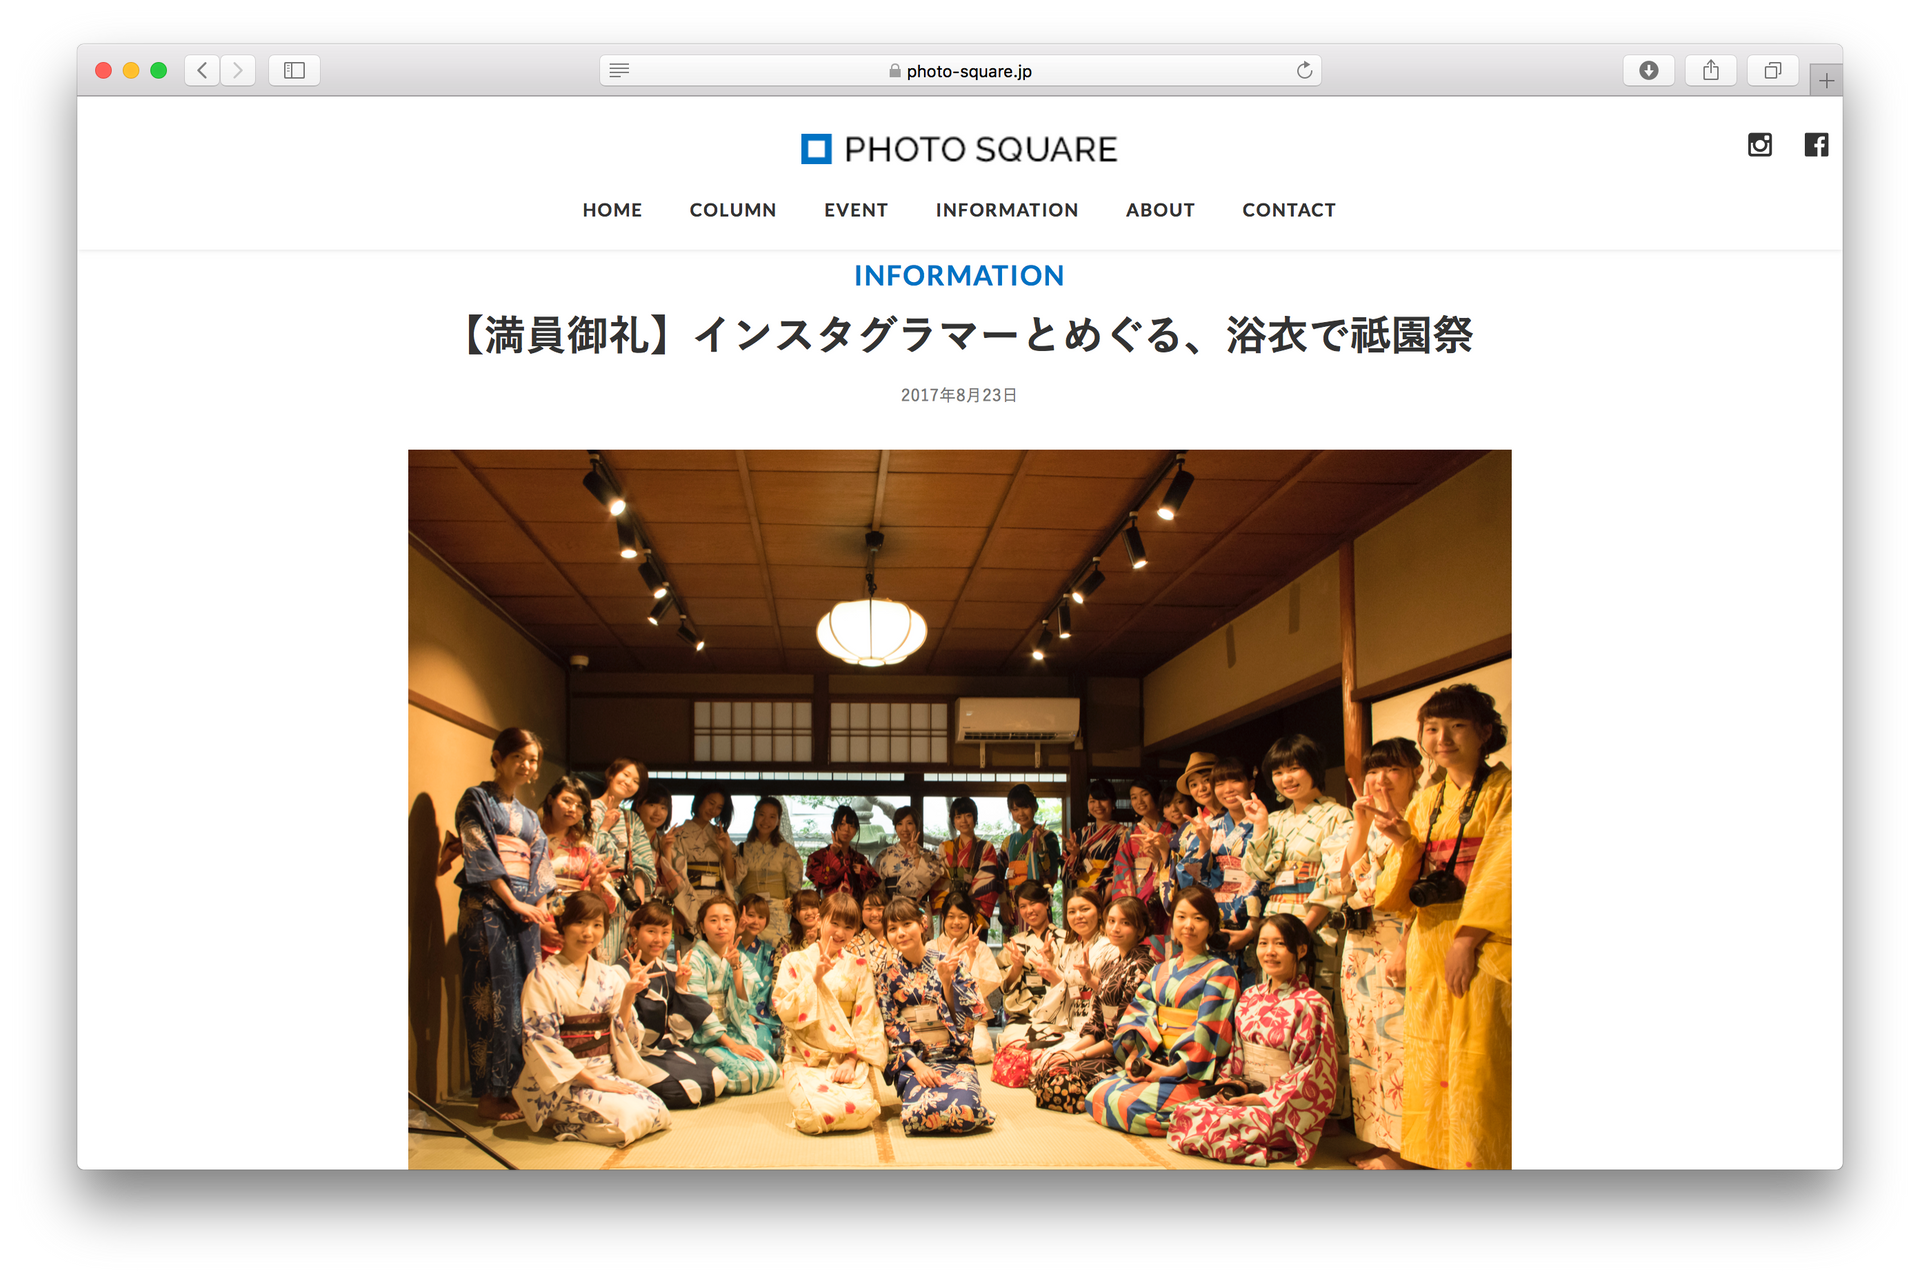 インスタグラマーと巡る祇園祭